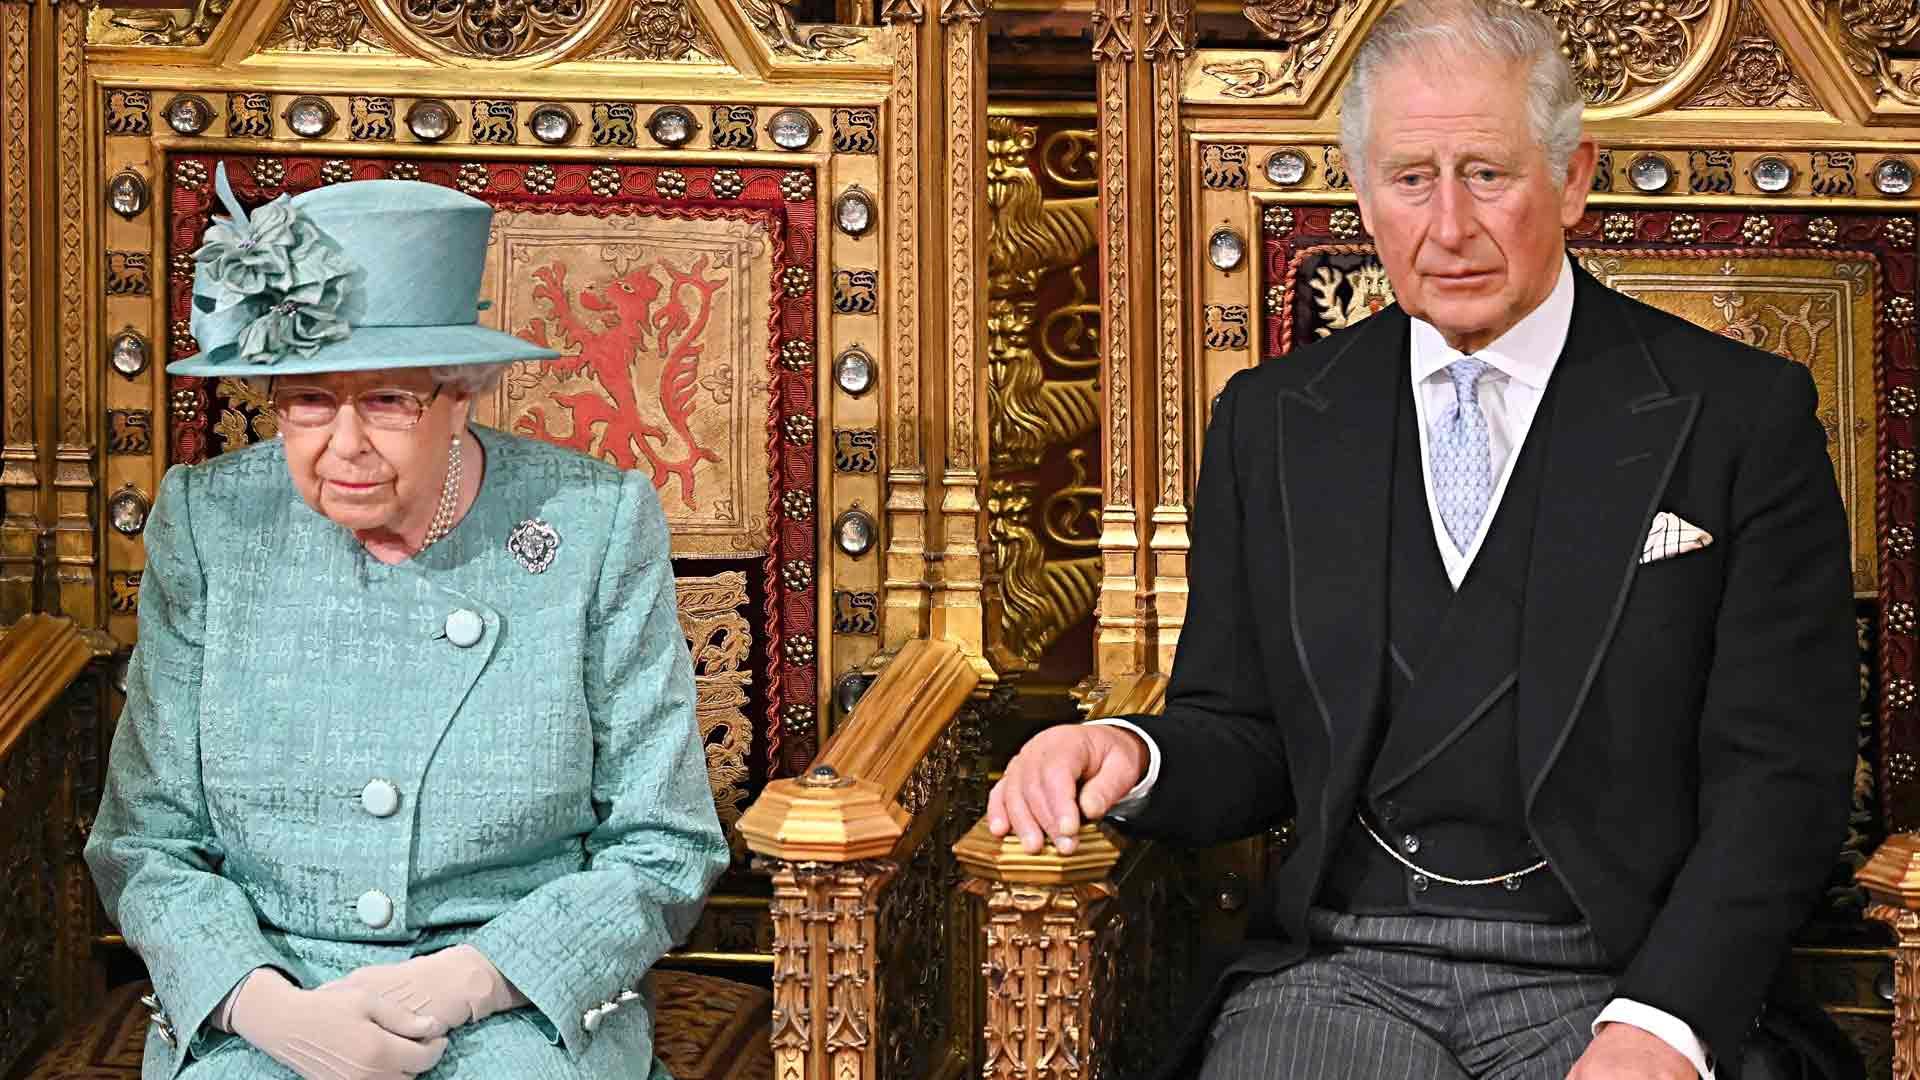 Prinssi Charlesin painoarvo on noussut viime vuosina jyrkästi. Kulissien takana hän hoitaa yhä useampia äidilleen aiemmin kuuluneita velvollisuuksia.